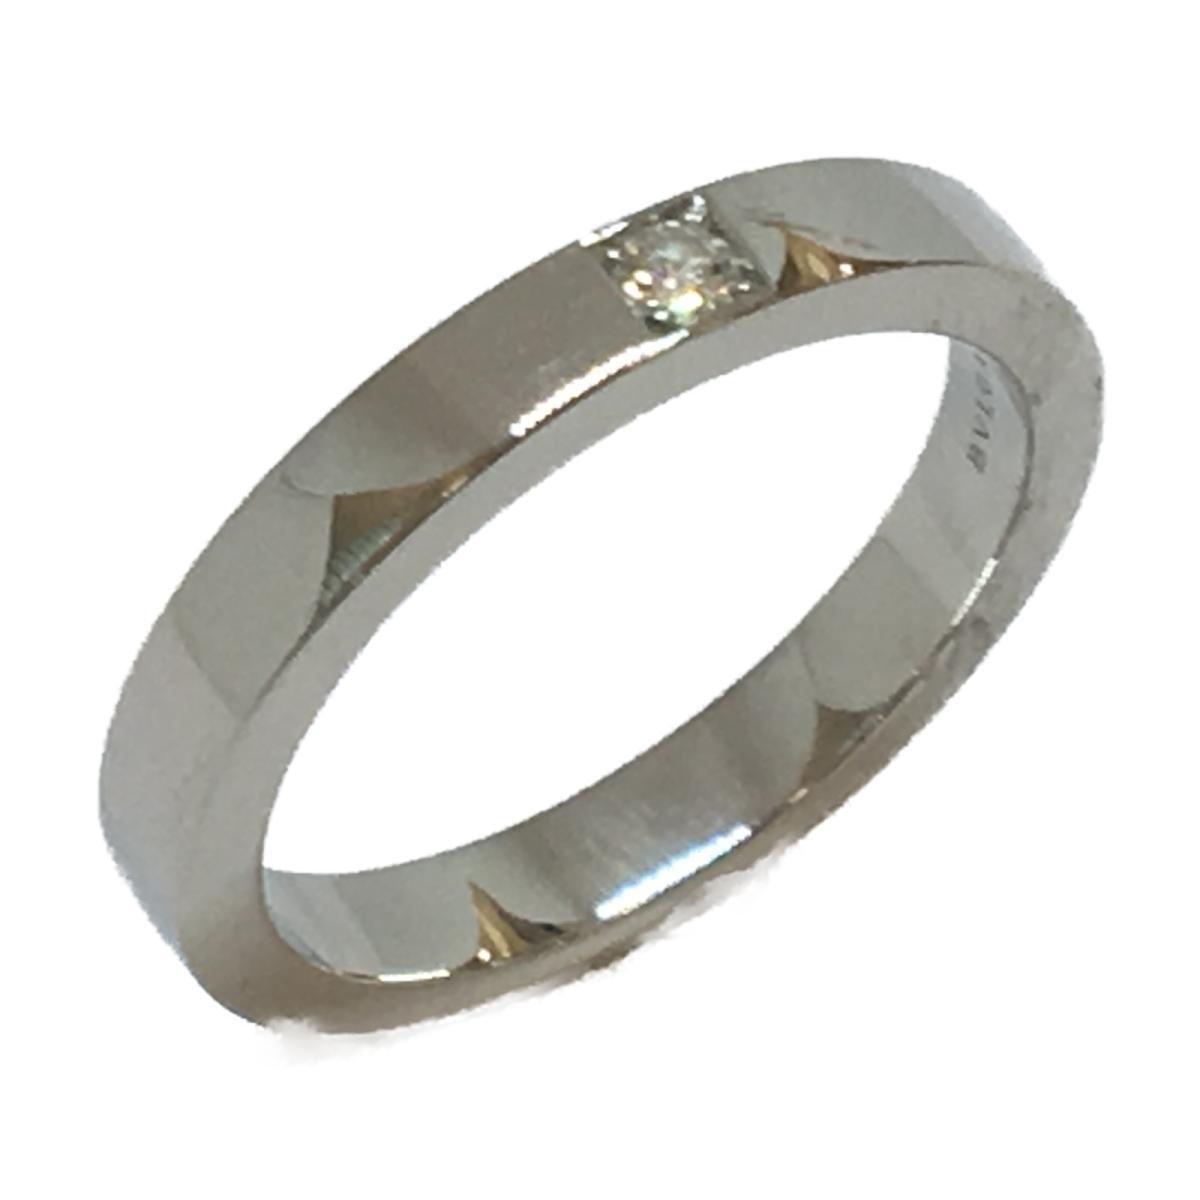 ジュエリー マリー・ミー 1Pダイヤモンド リング 指輪/SALE #9/9号